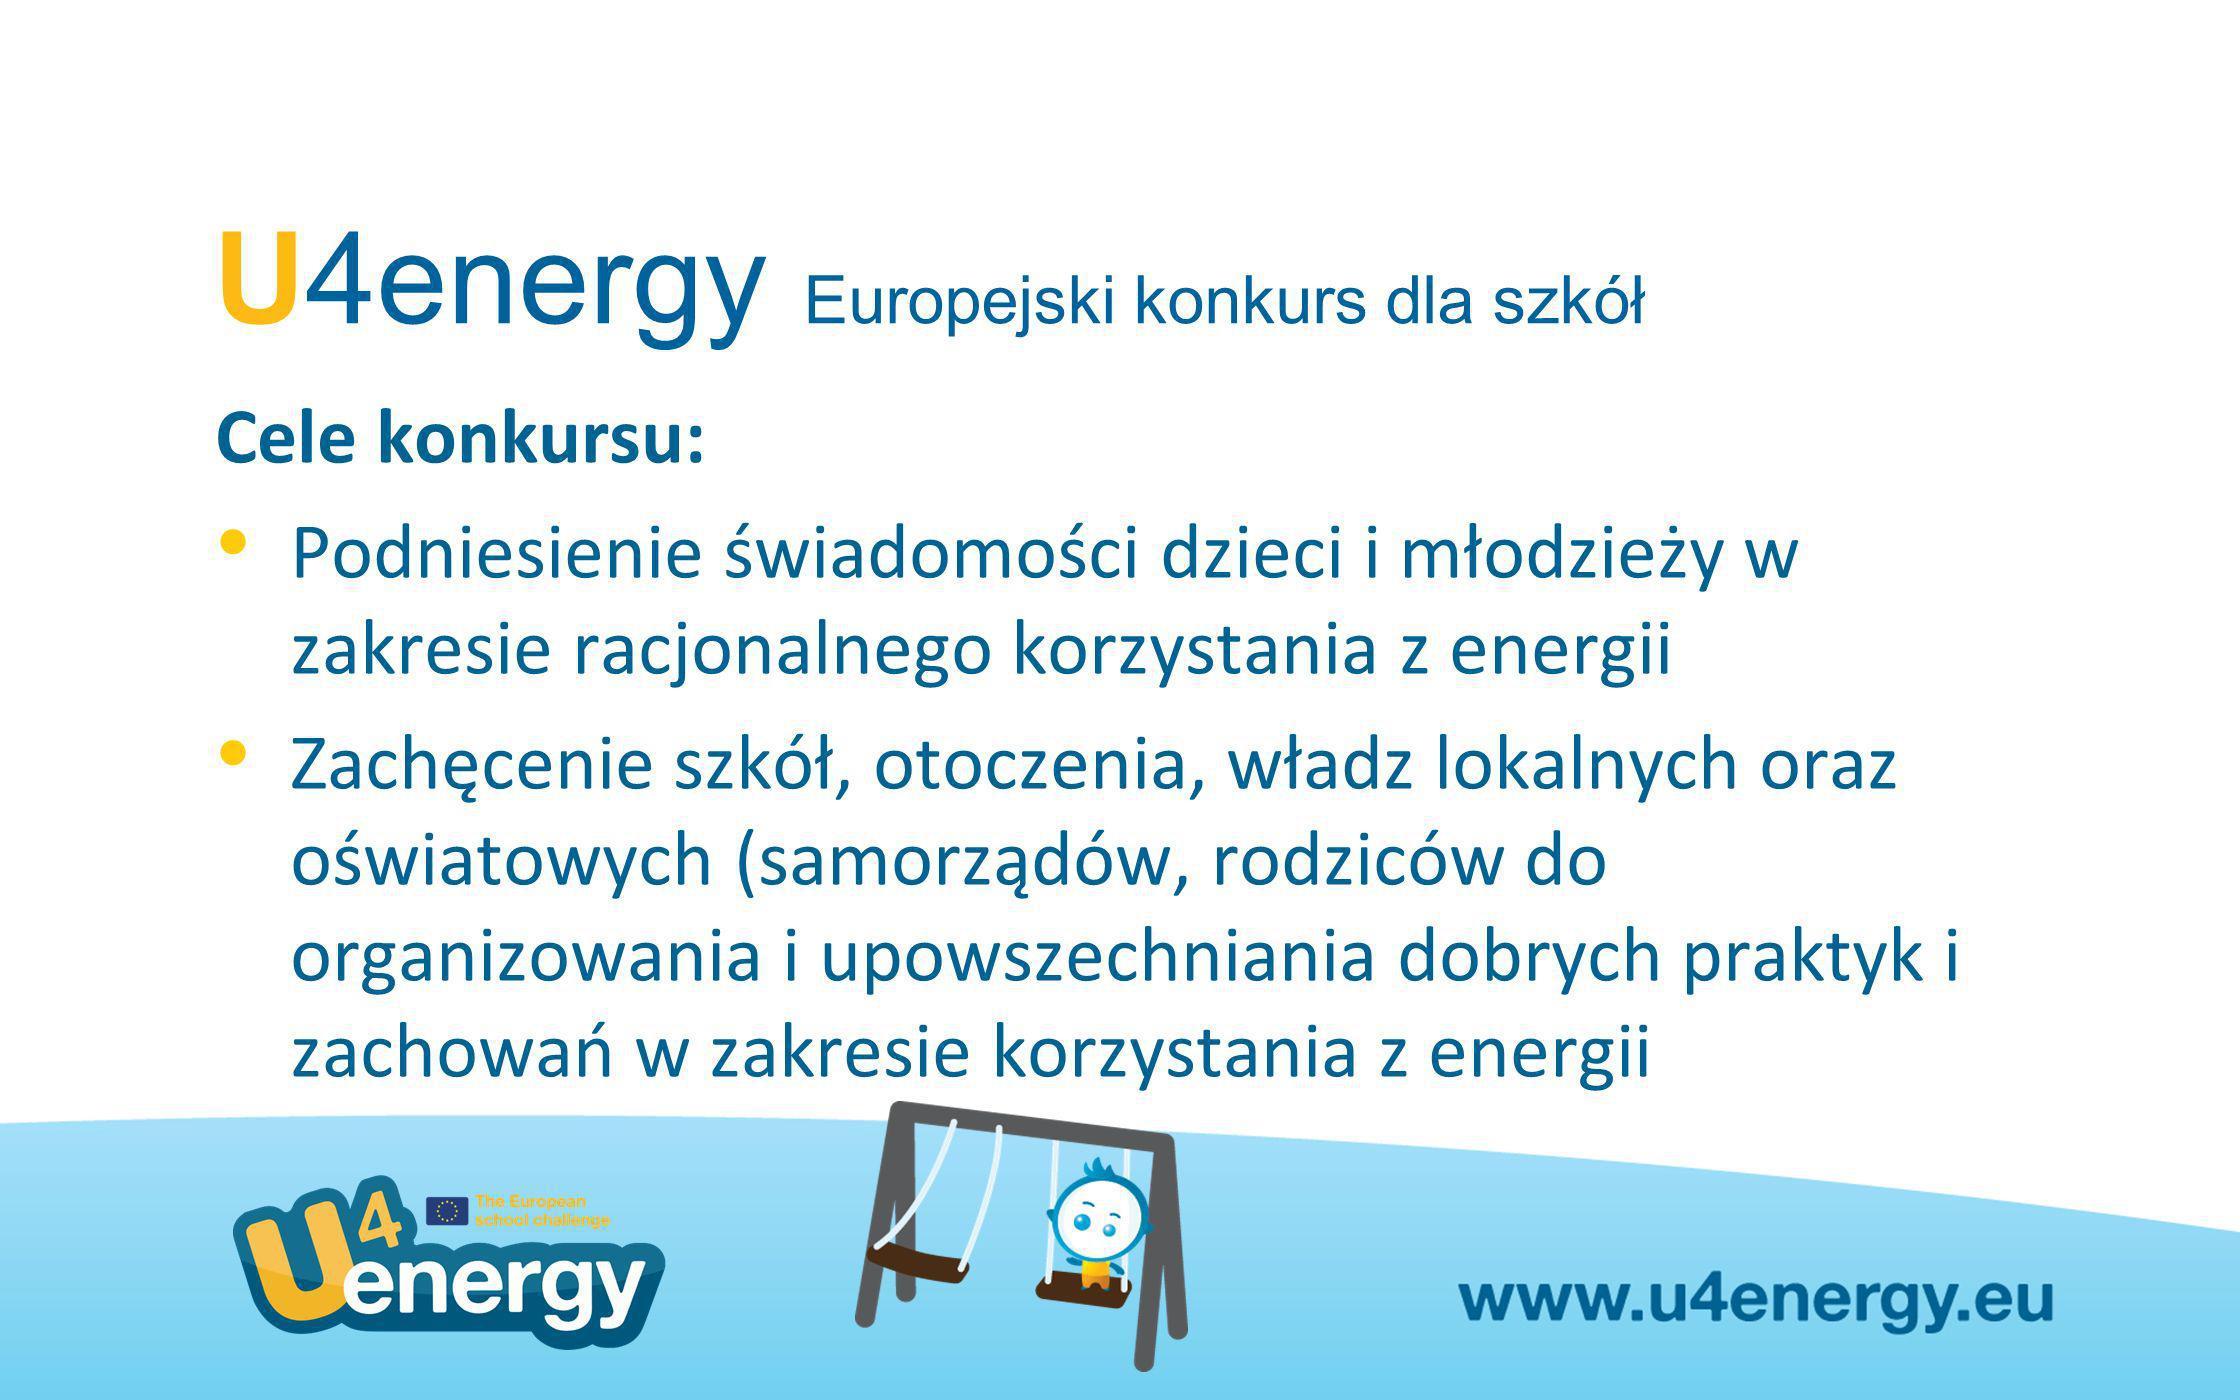 U4energy Europejski konkurs dla szkół Cele konkursu: Podniesienie świadomości dzieci i młodzieży w zakresie racjonalnego korzystania z energii Zachęce